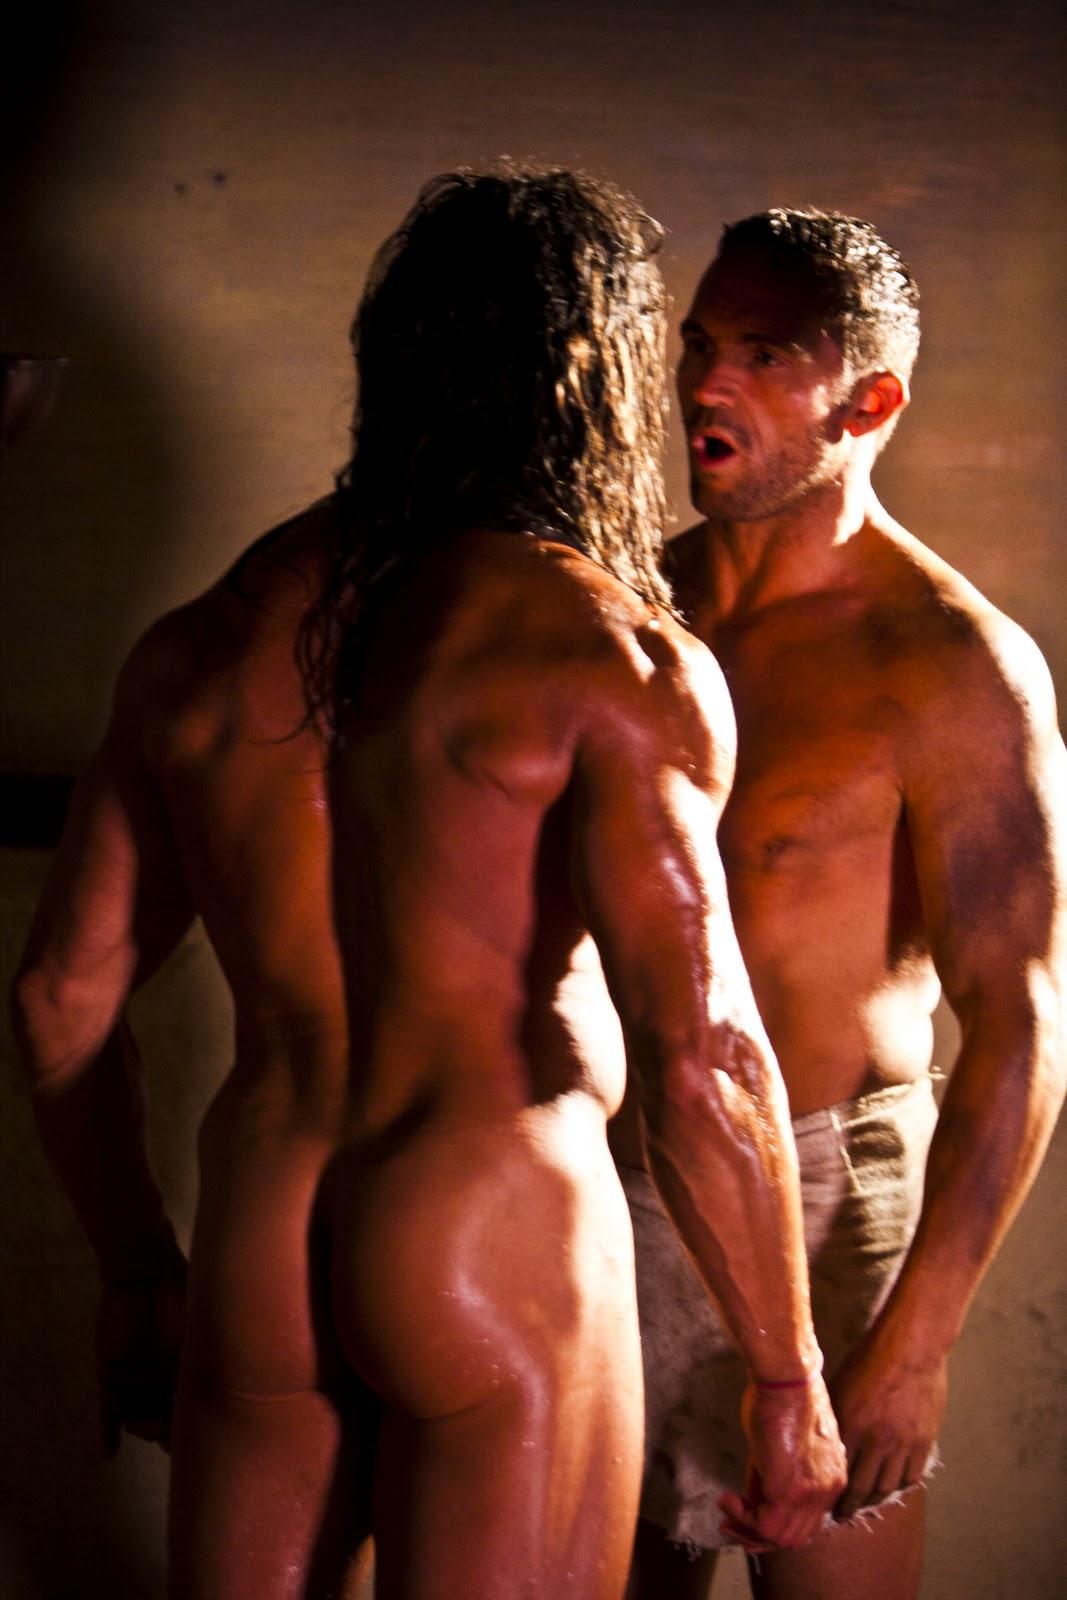 spartacus nude gay sex scenes gif